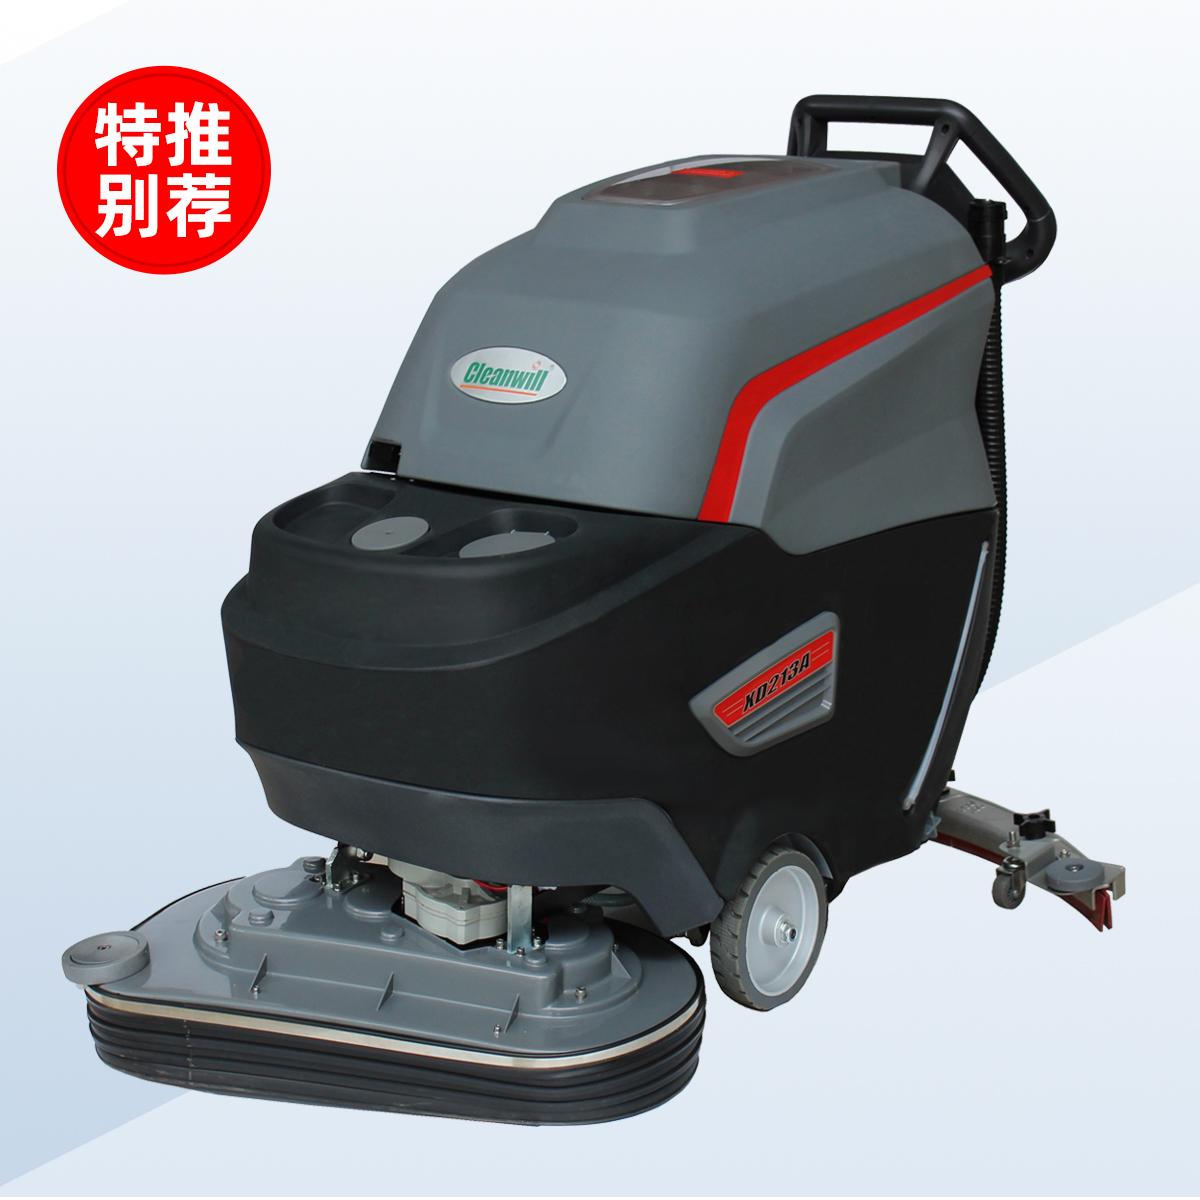 克力威XD213A全自动双刷洗地机